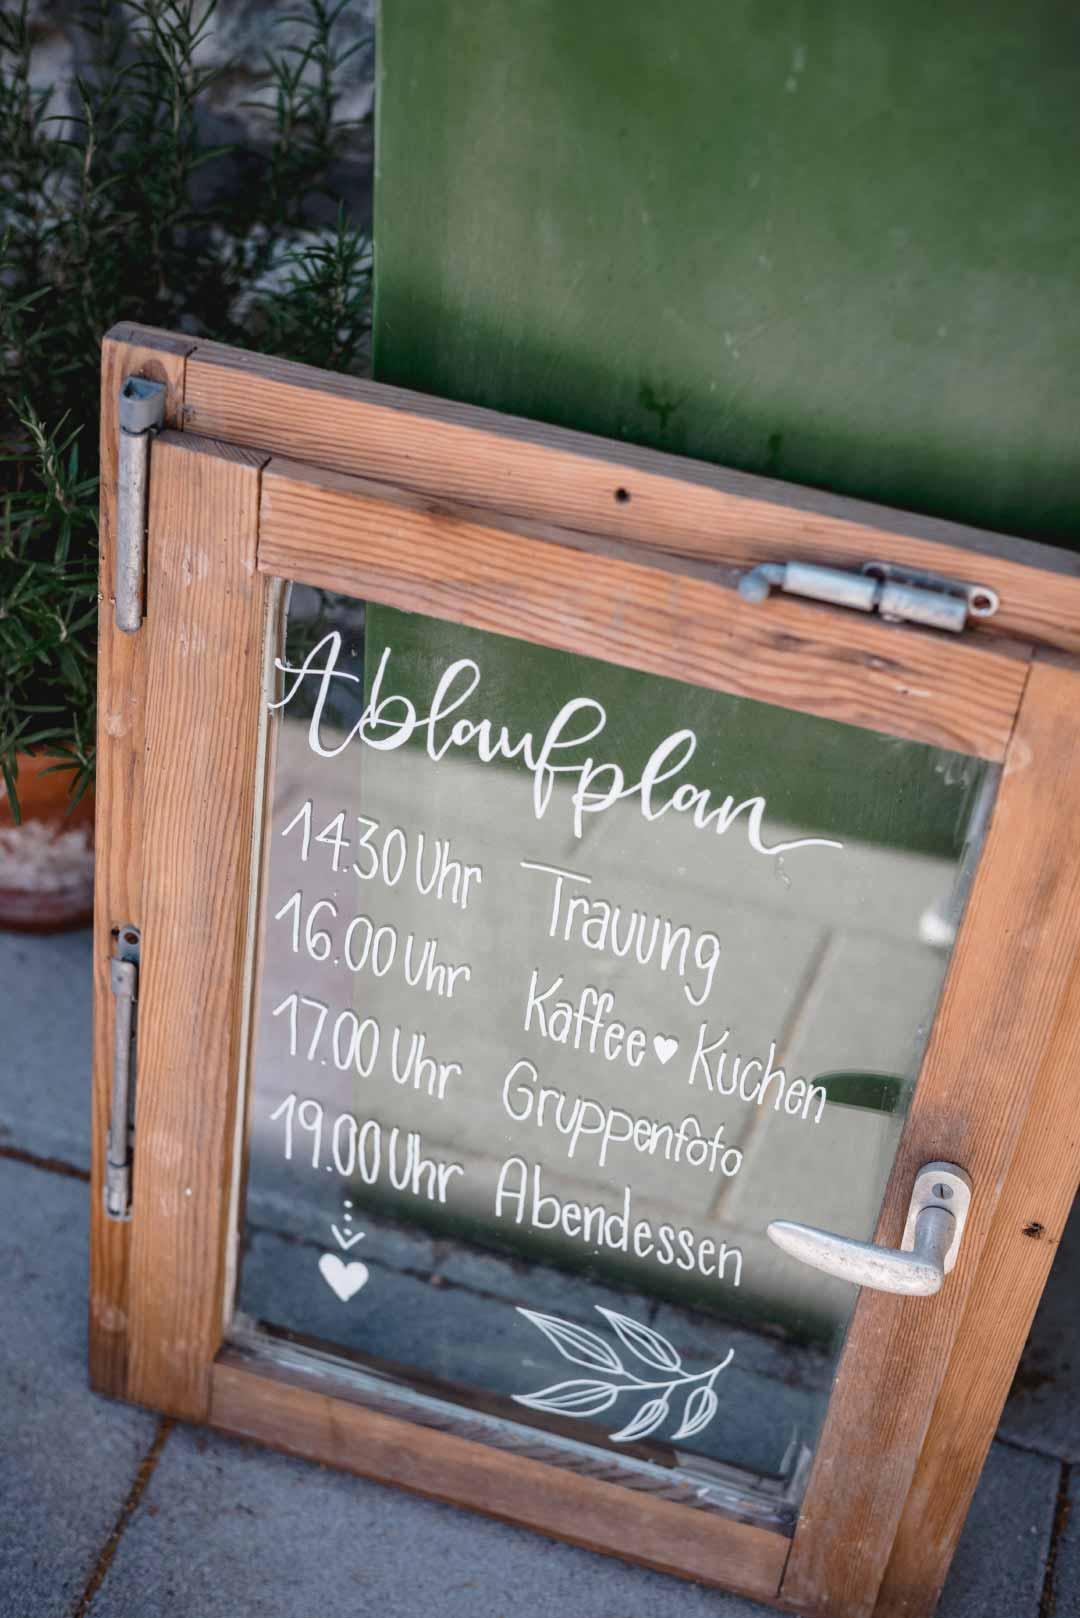 Ablaufplan bei der Hochzeit auf ein Fenster geschrieben